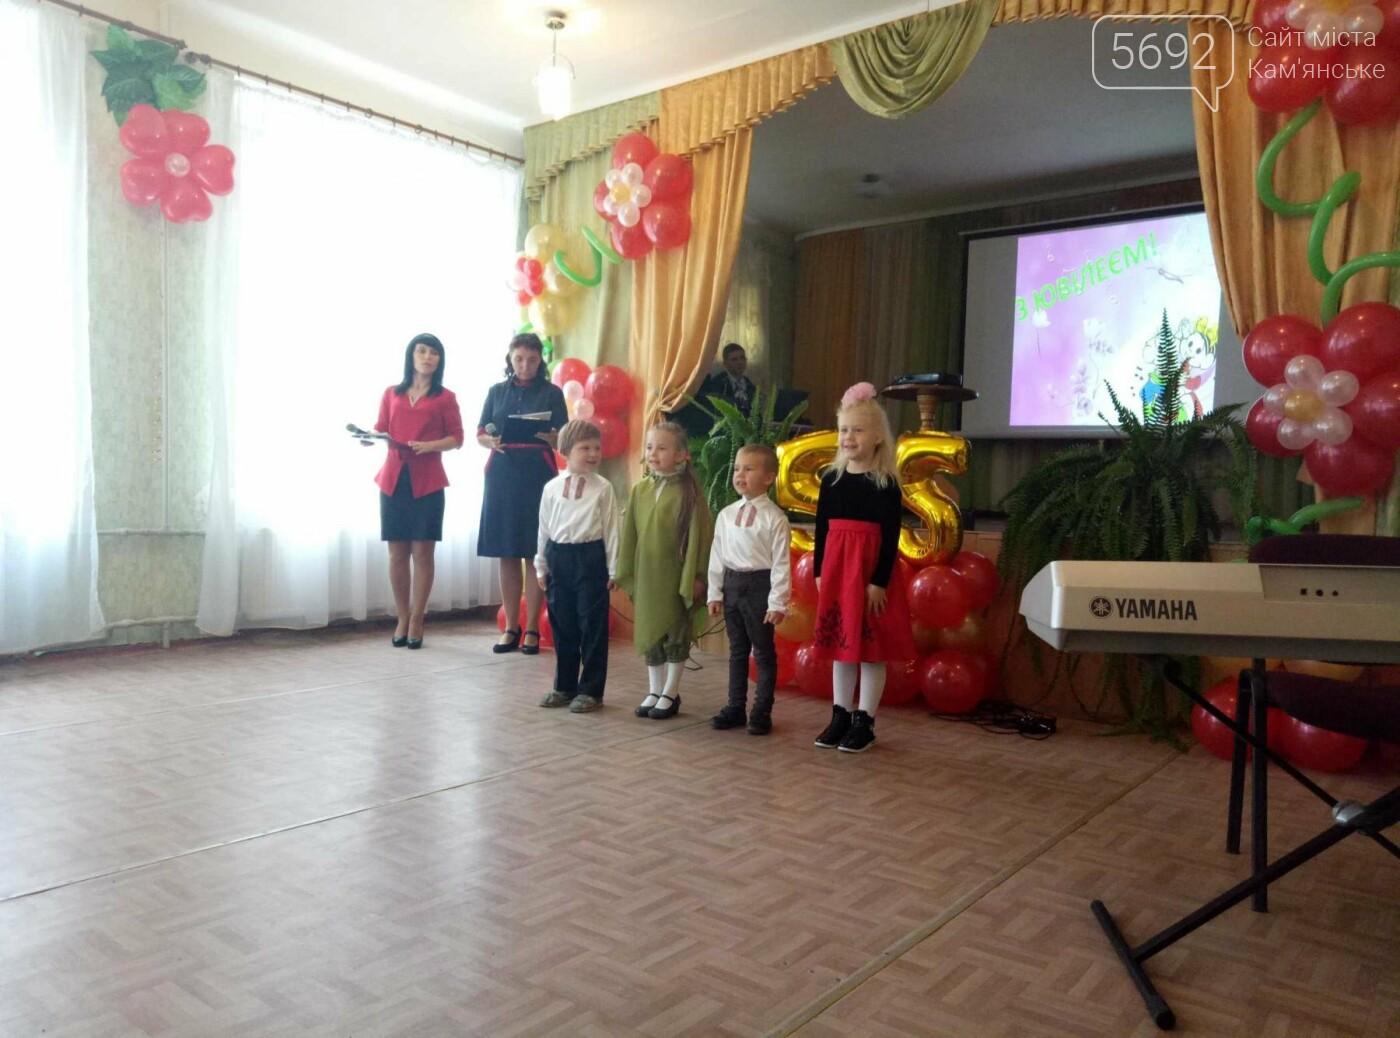 Каменская школа №7 отпраздновала 55-летие, фото-8